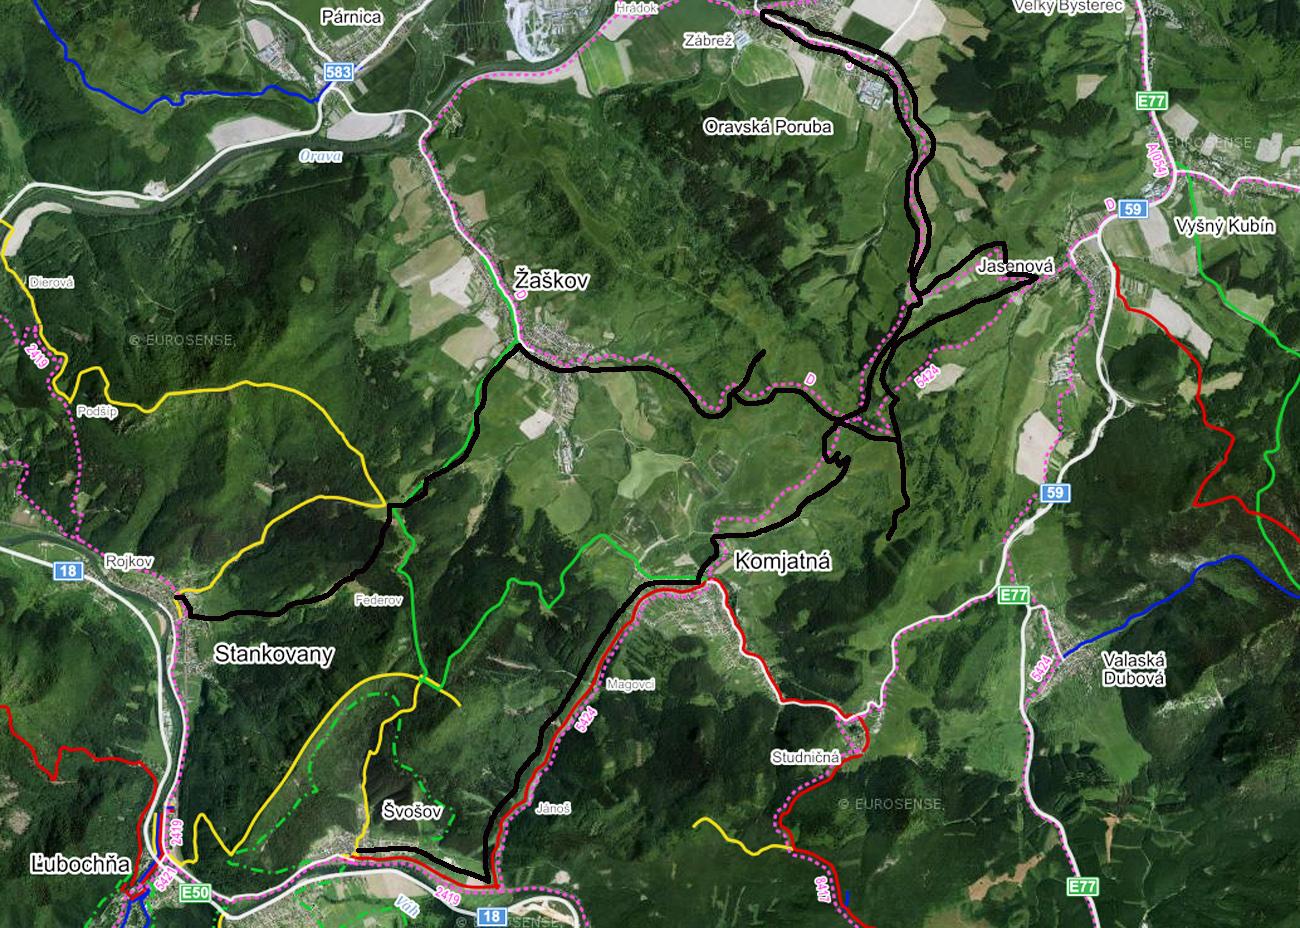 Takto_nejako_som_sa_tade_motal_(Zdroj:_mapy.cz)